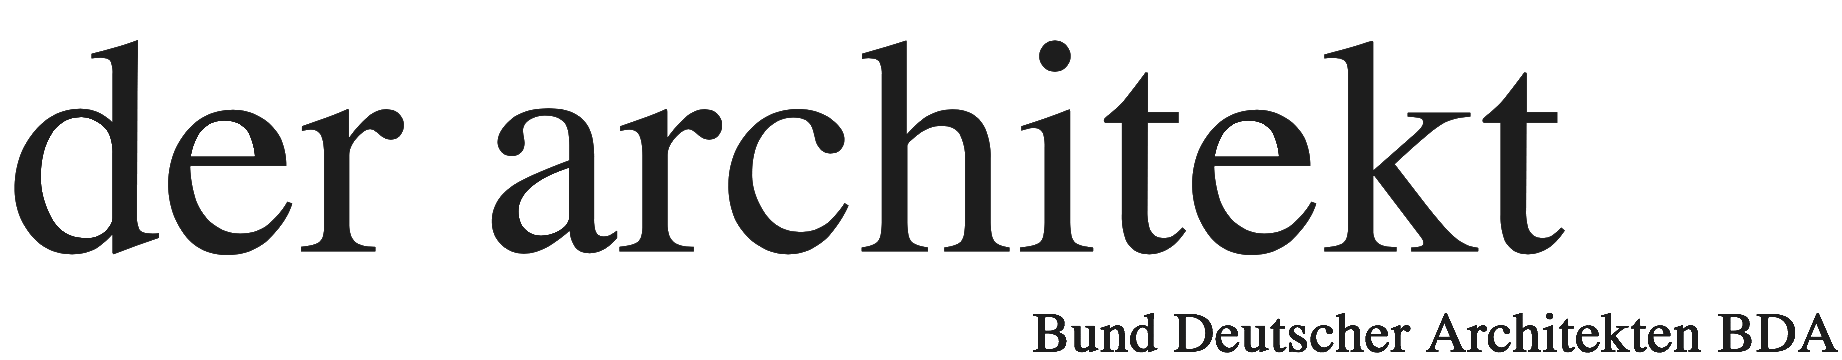 archithese logo